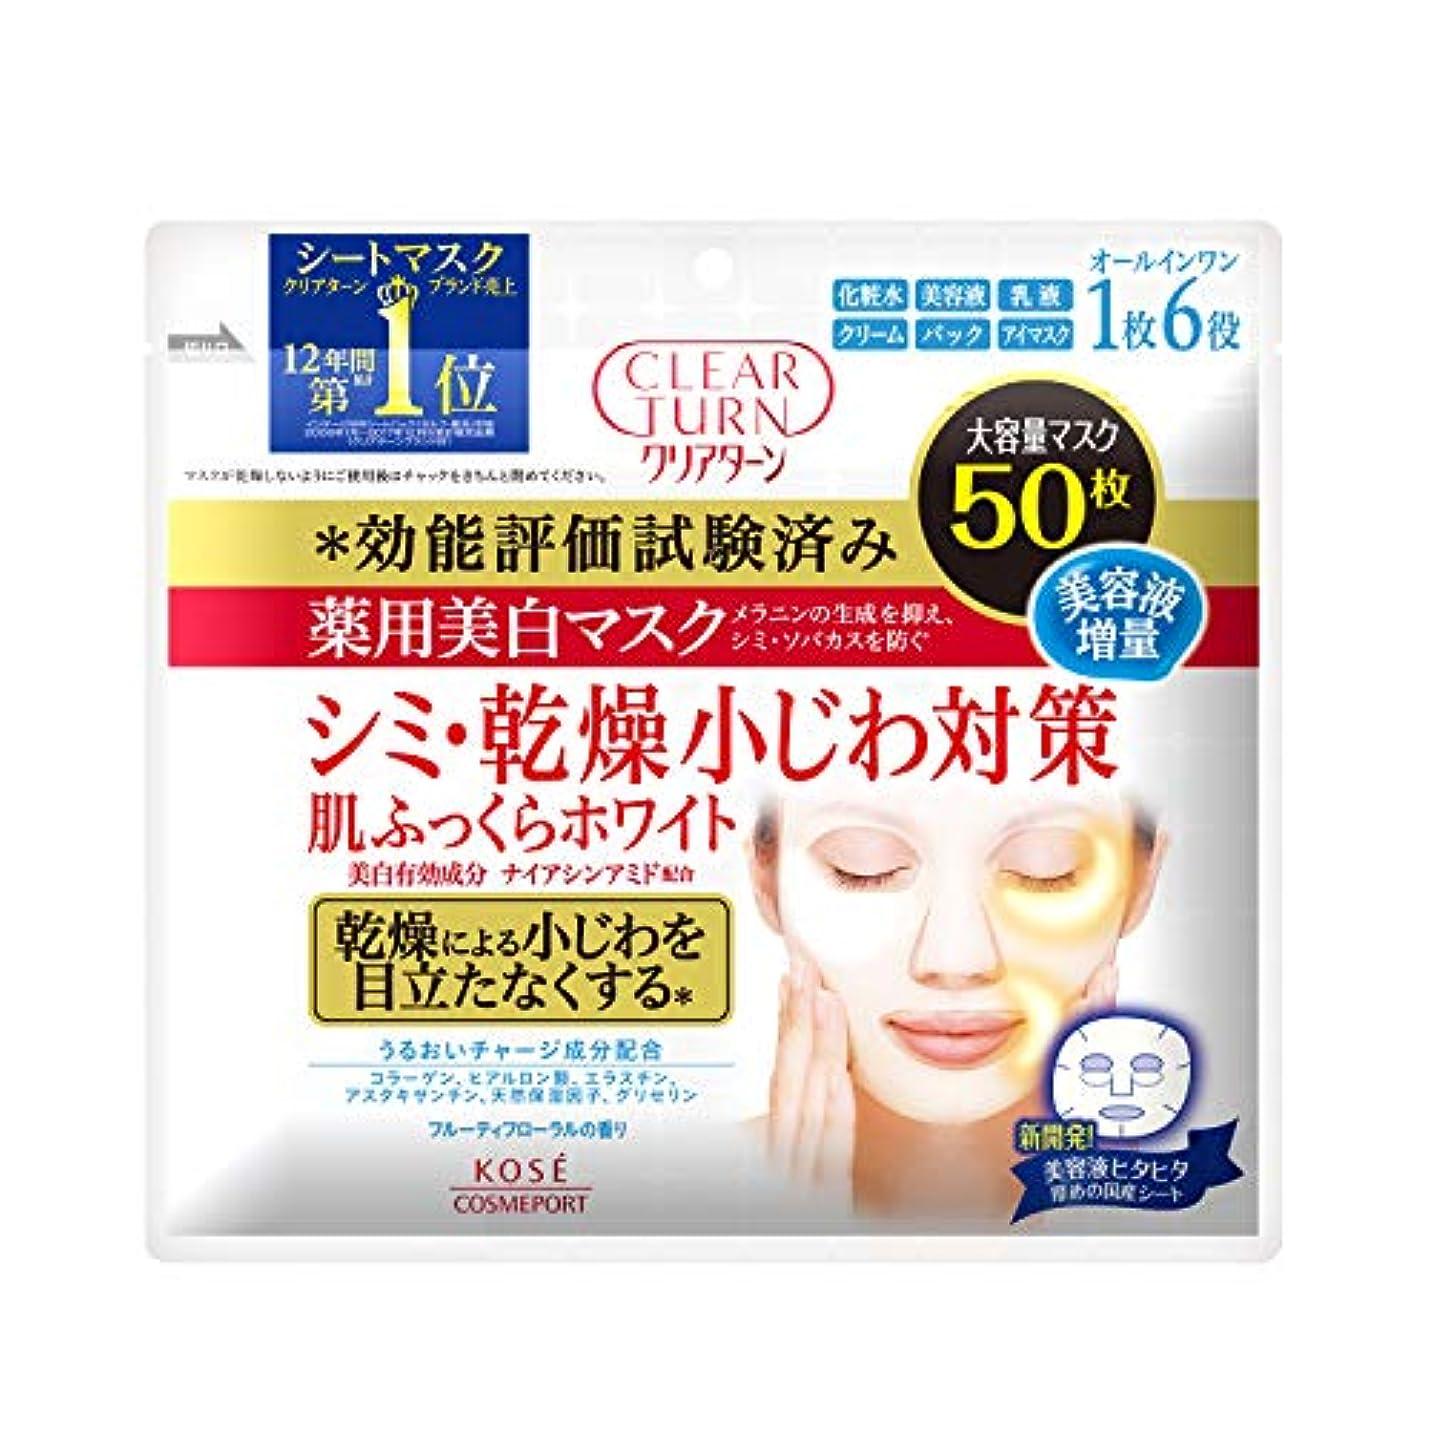 十分な粘り強いマーガレットミッチェルKOSE コーセー クリアターン 薬用美白 肌ホワイト マスク 50枚 フェイスマスク (医薬部外品)